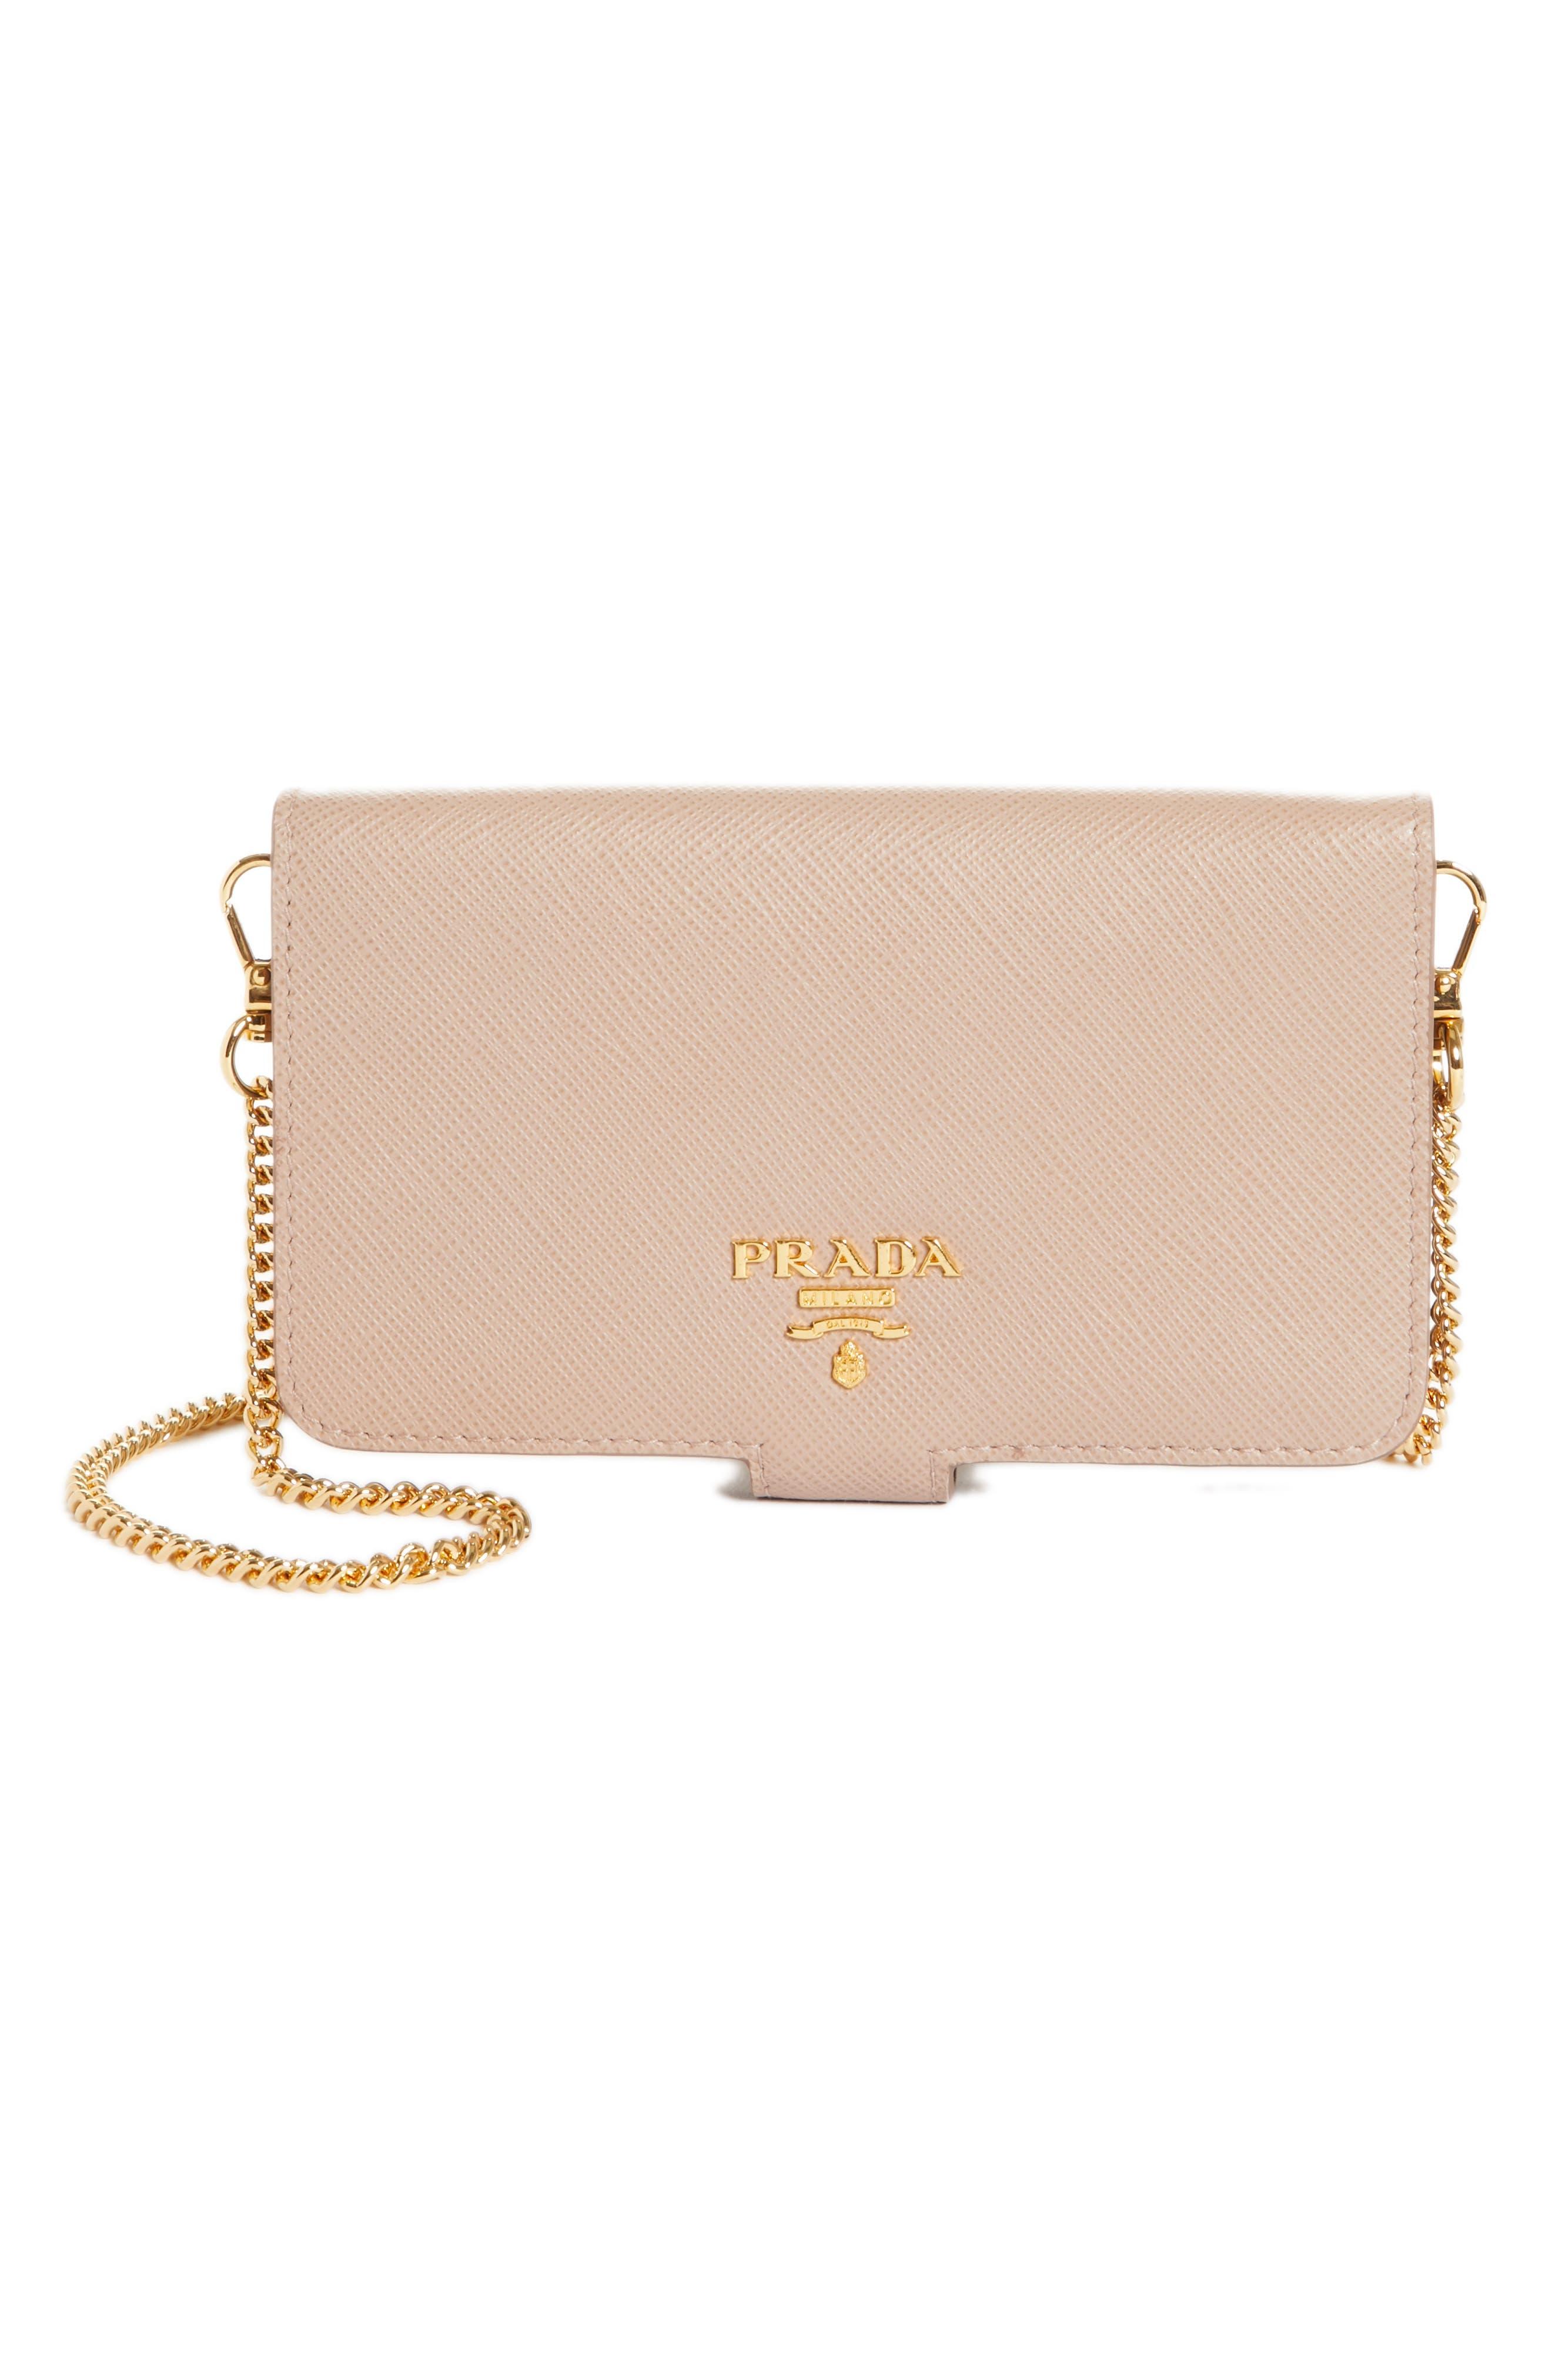 Saffiano Metal Oro Chain Book Phone Wallet,                         Main,                         color, Cipria